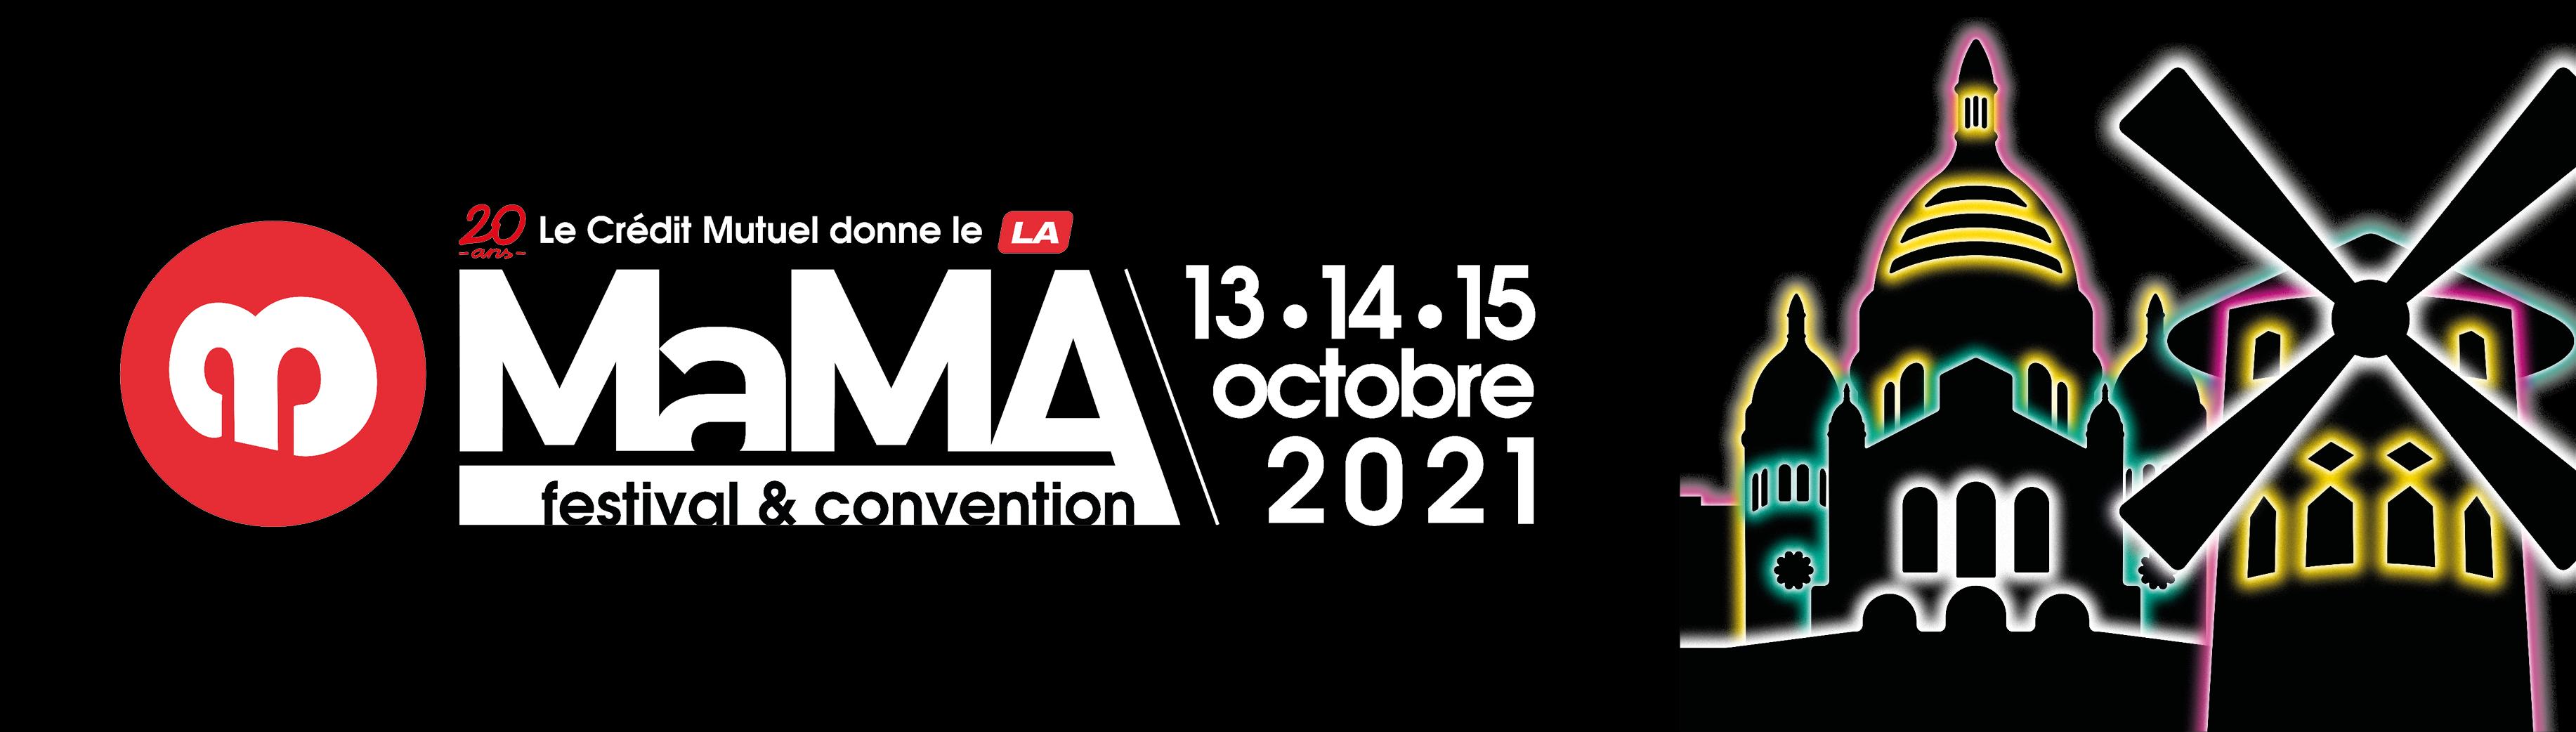 Le MaMA Festival et convention 2021 dévoile sa programmation